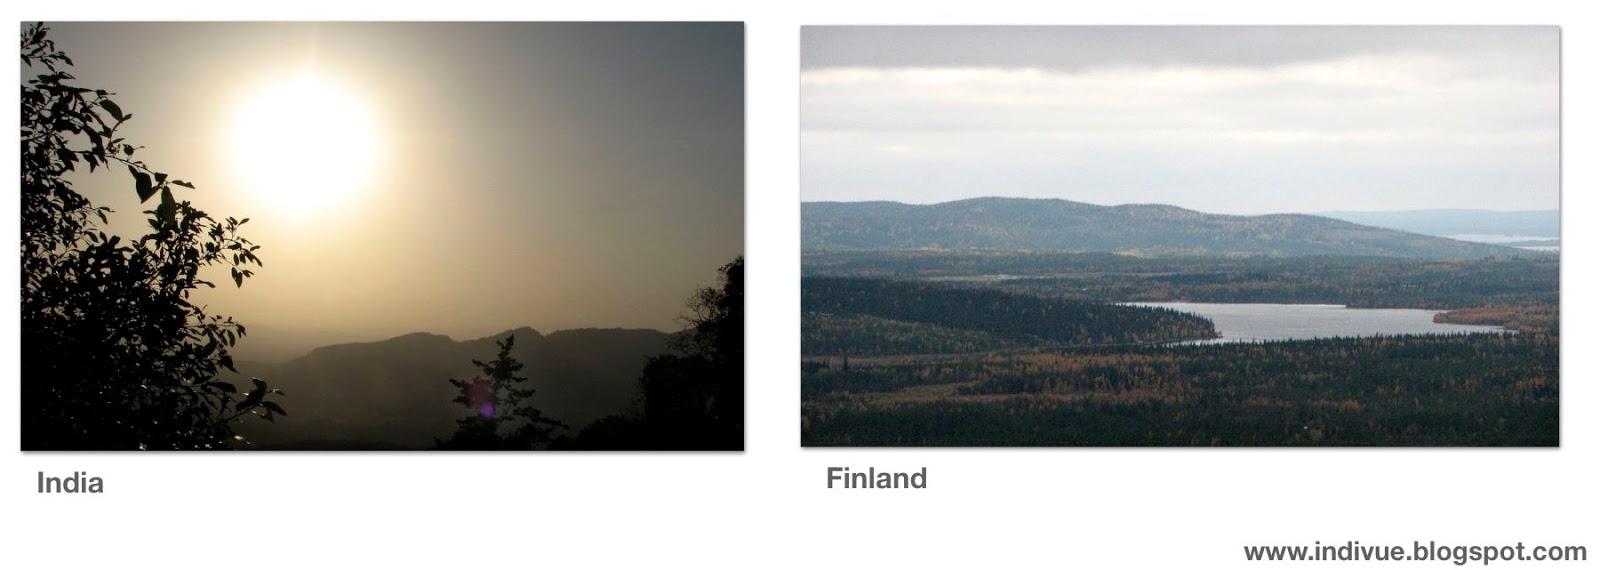 Vuoria Suomessa ja Intiassa